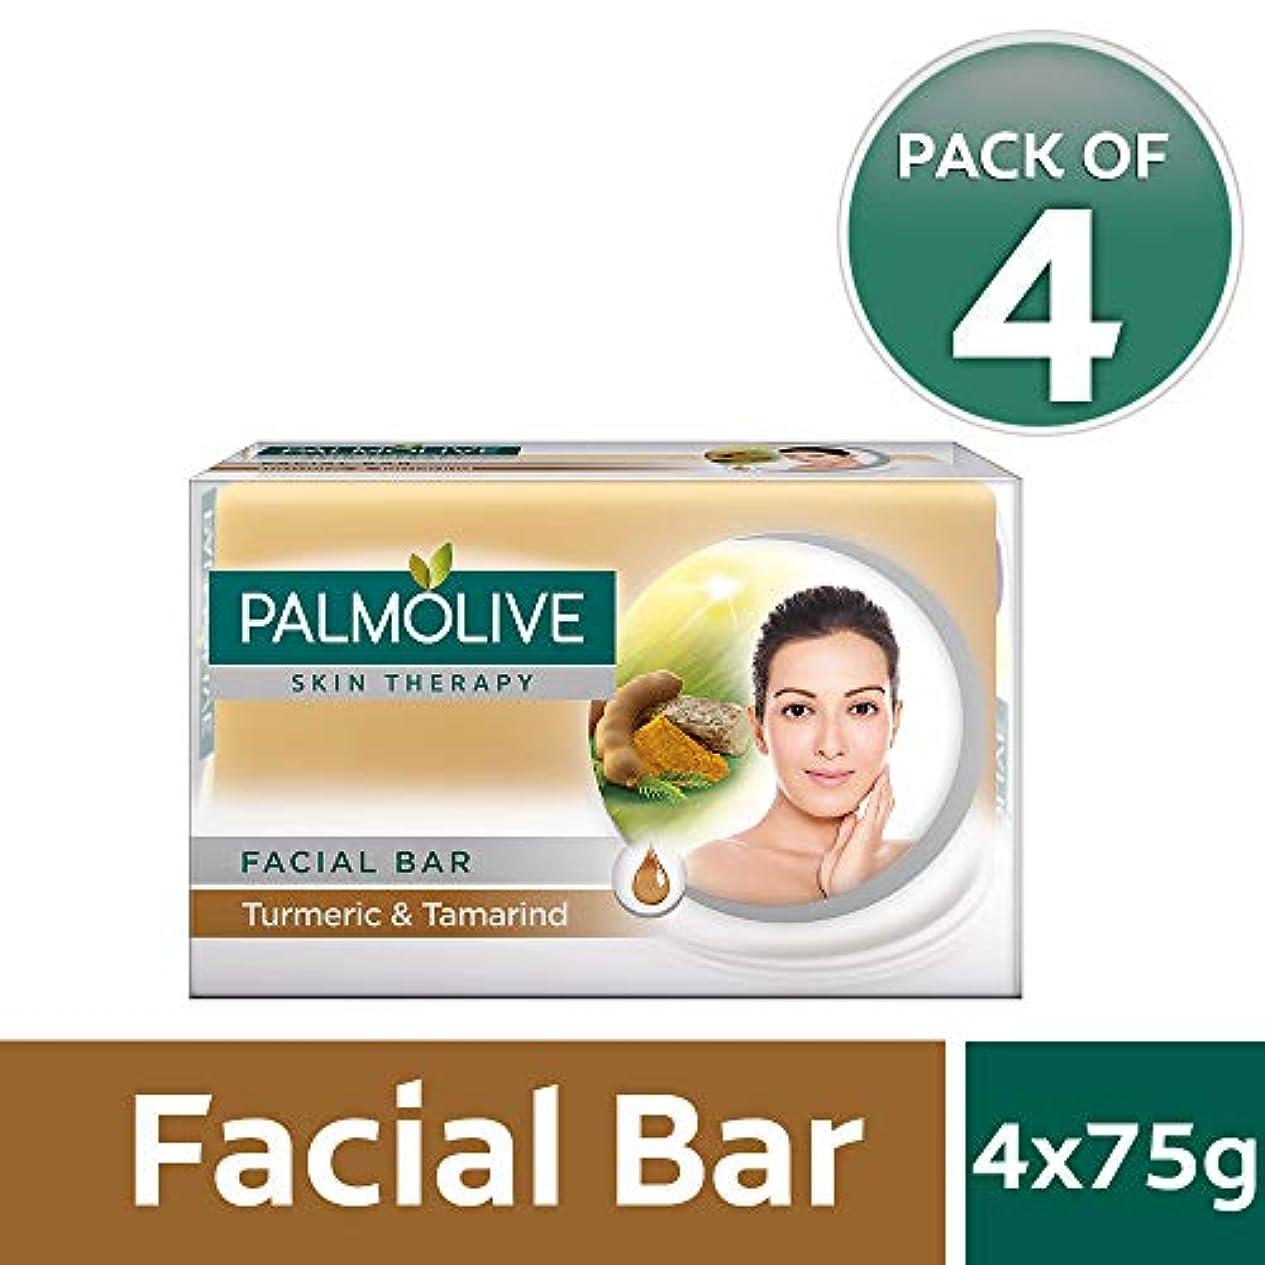 インストール思い出させる抵抗力があるPalmolive Skin Therapy Facial Bar Soap with Turmeric and Tamarind - 75g (Pack of 4)